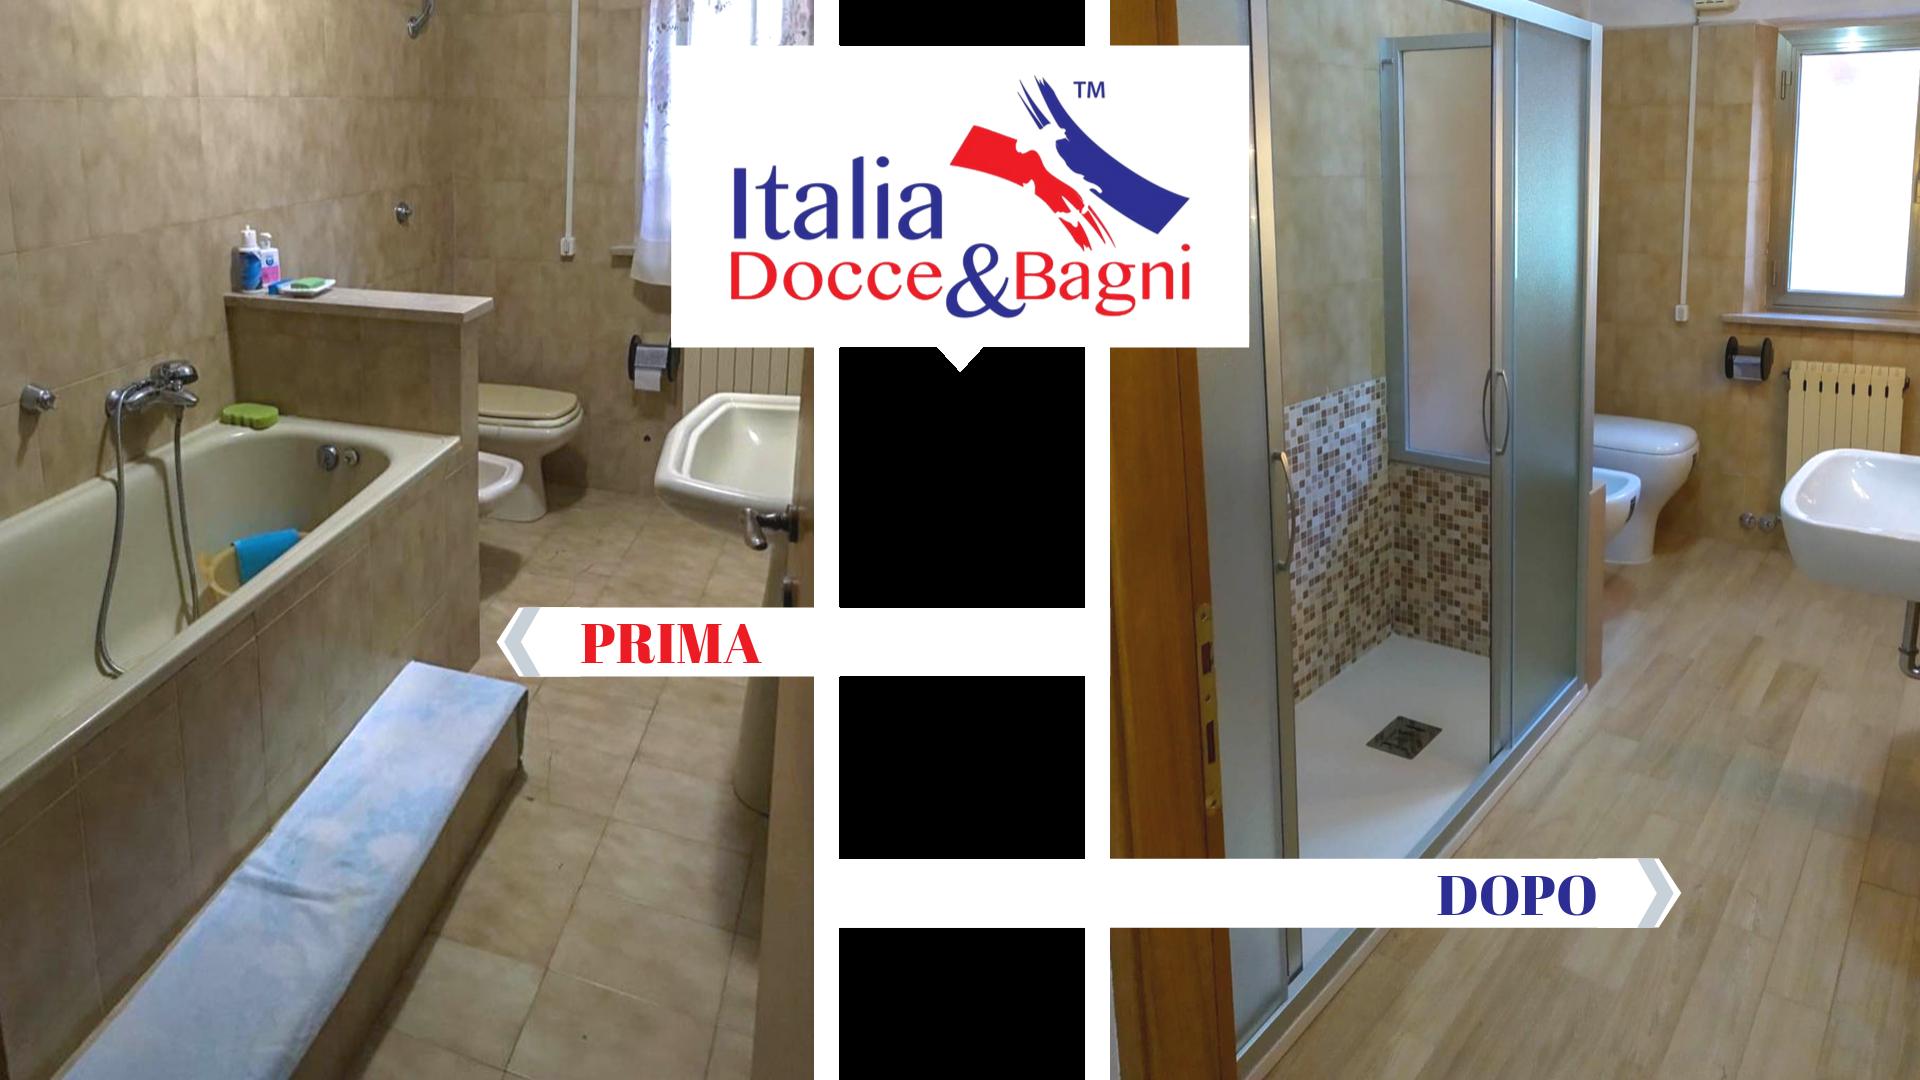 Sostituzione Vasca Con Doccia Italia Docce Bagni